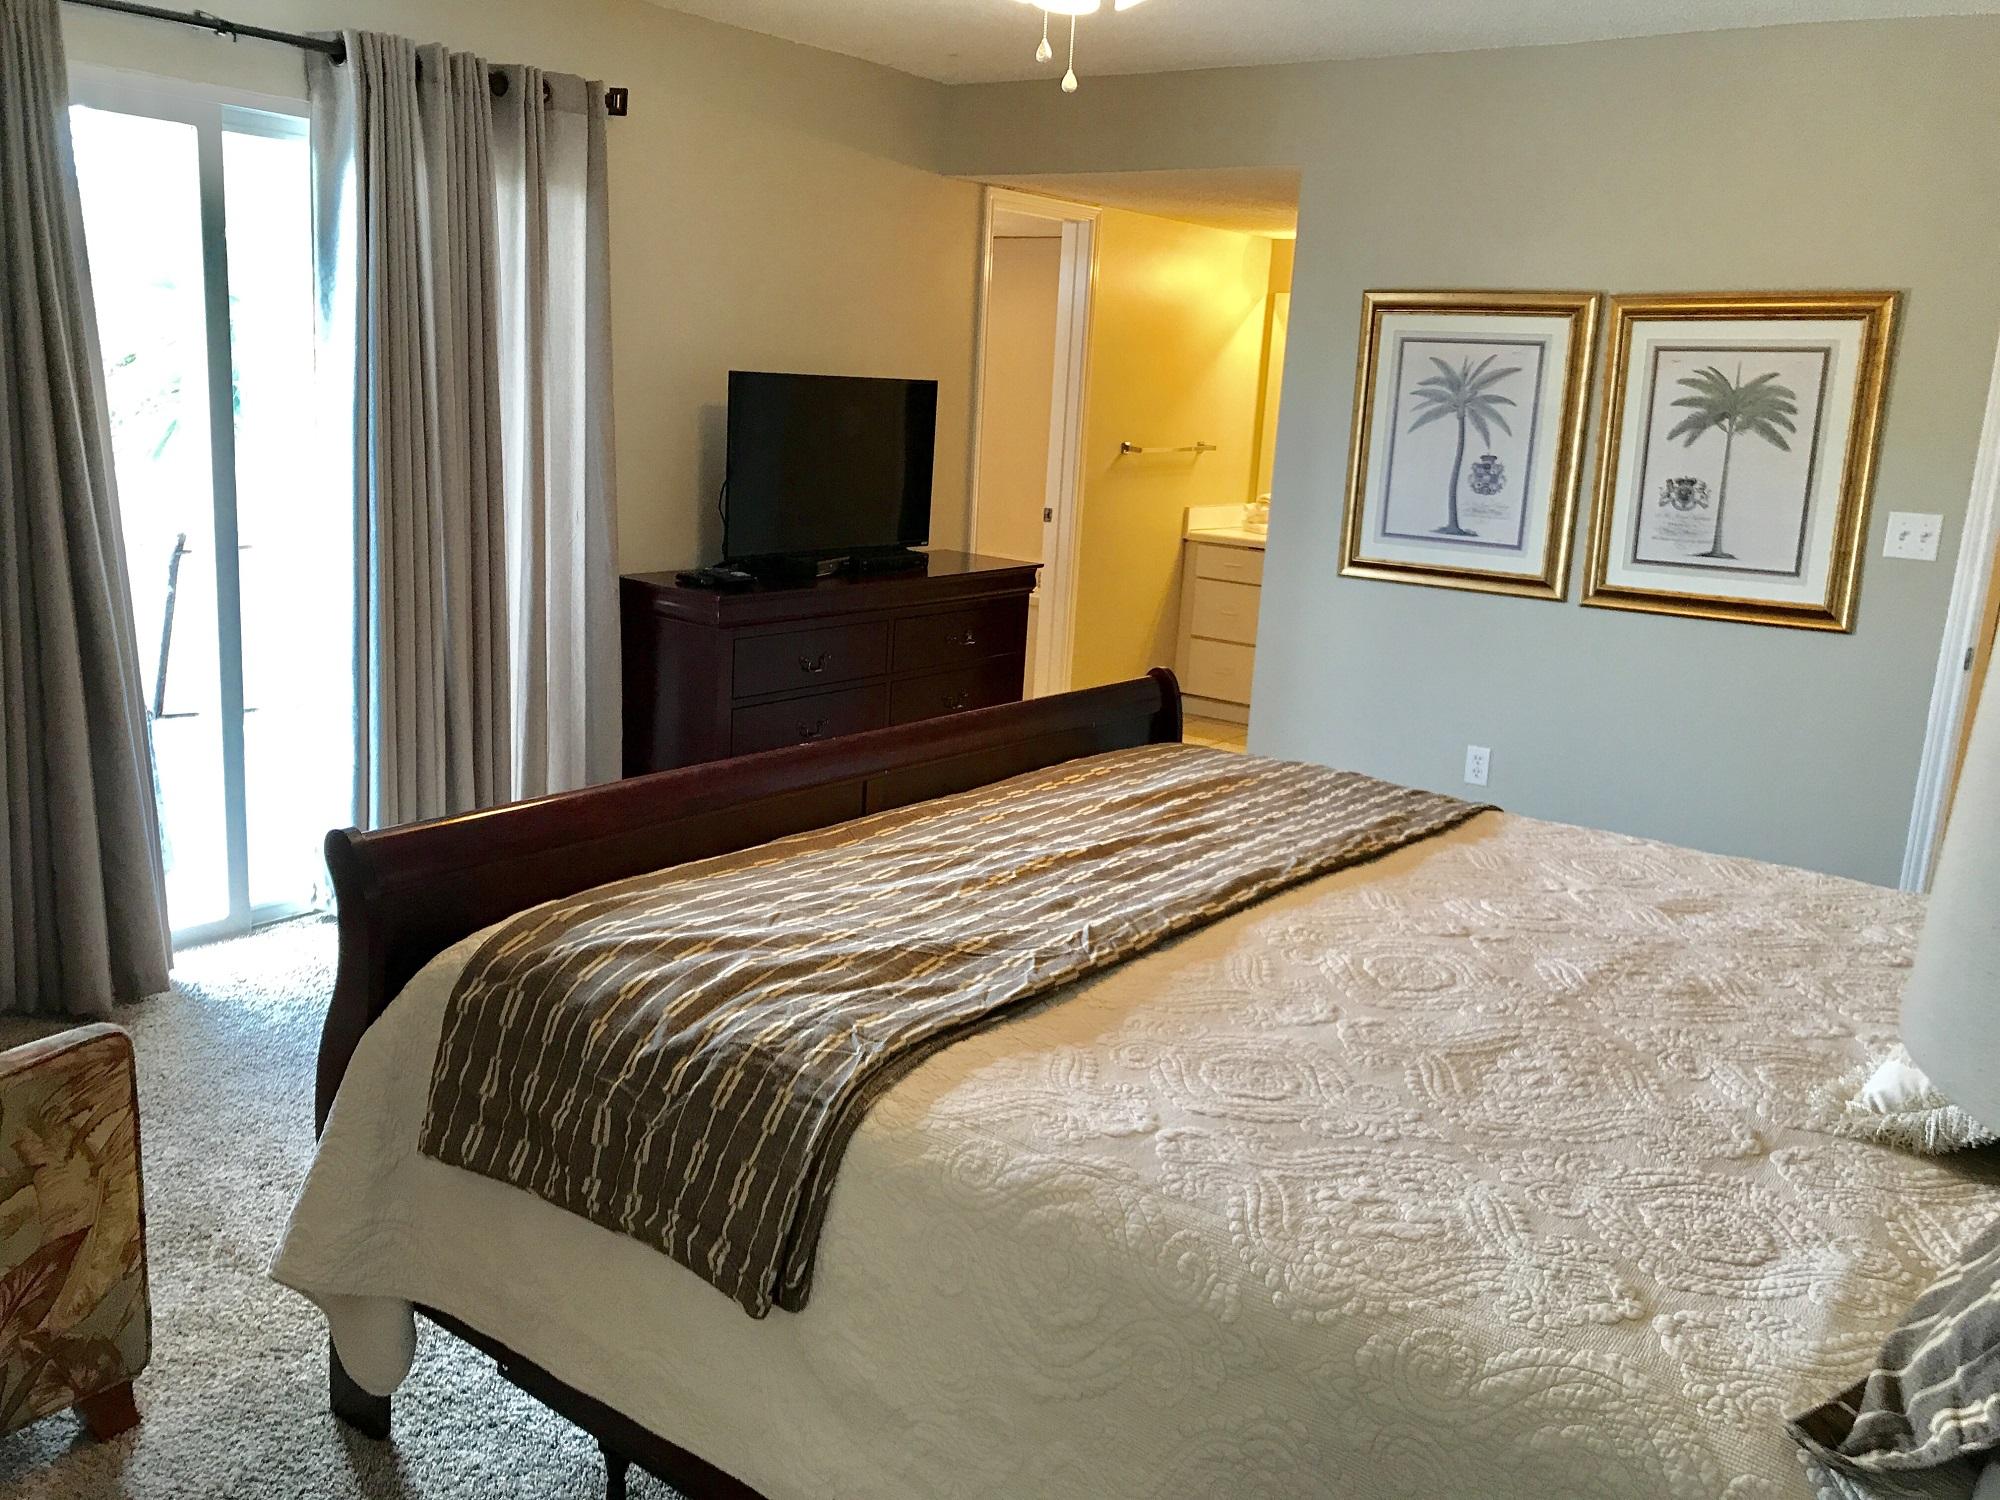 Ocean House 2206 Condo rental in Ocean House - Gulf Shores in Gulf Shores Alabama - #23